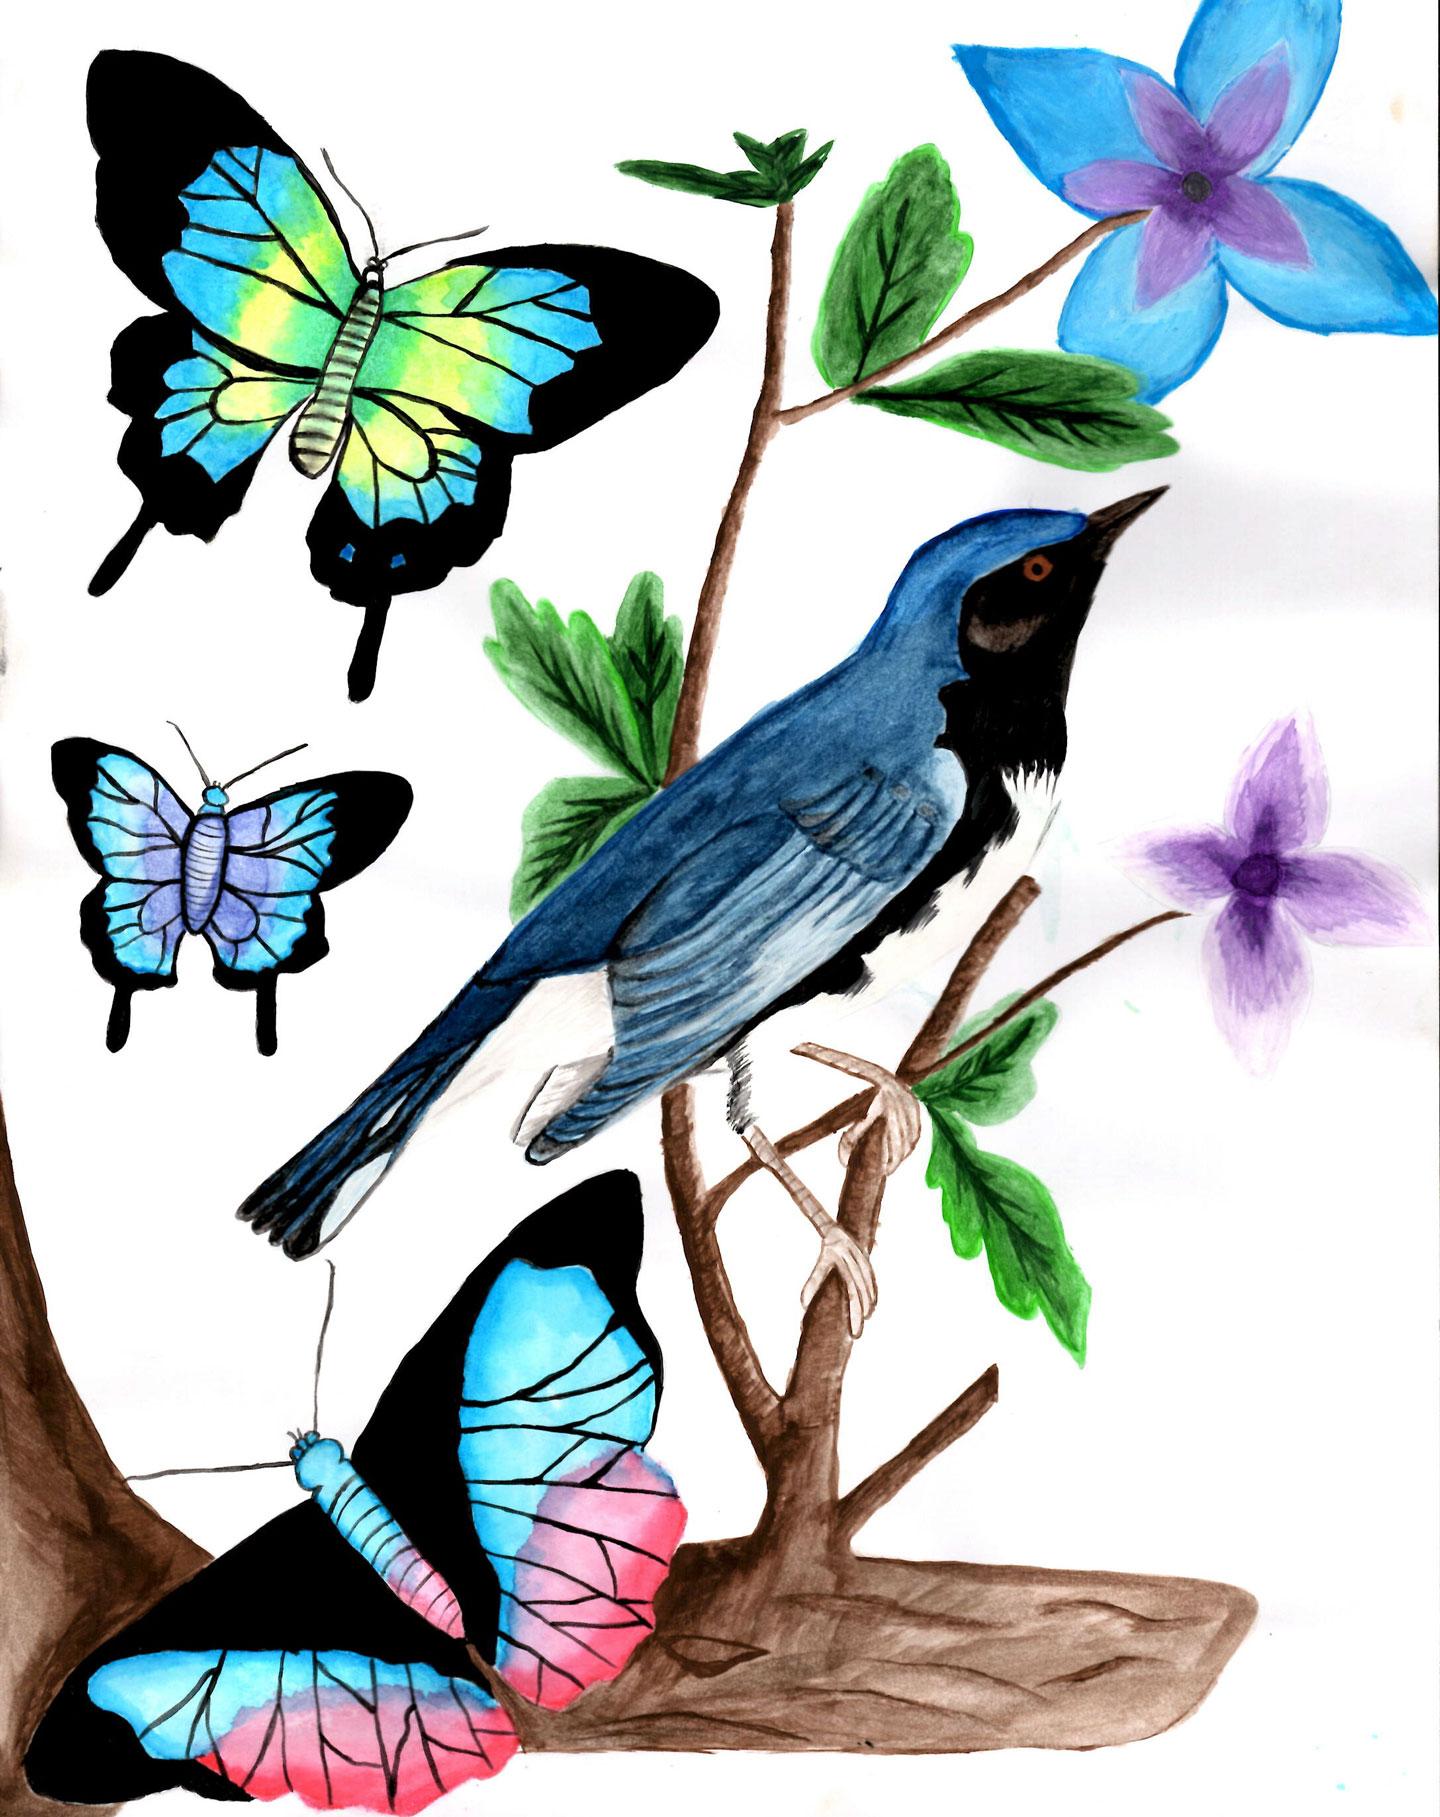 Bird_LuzM_02